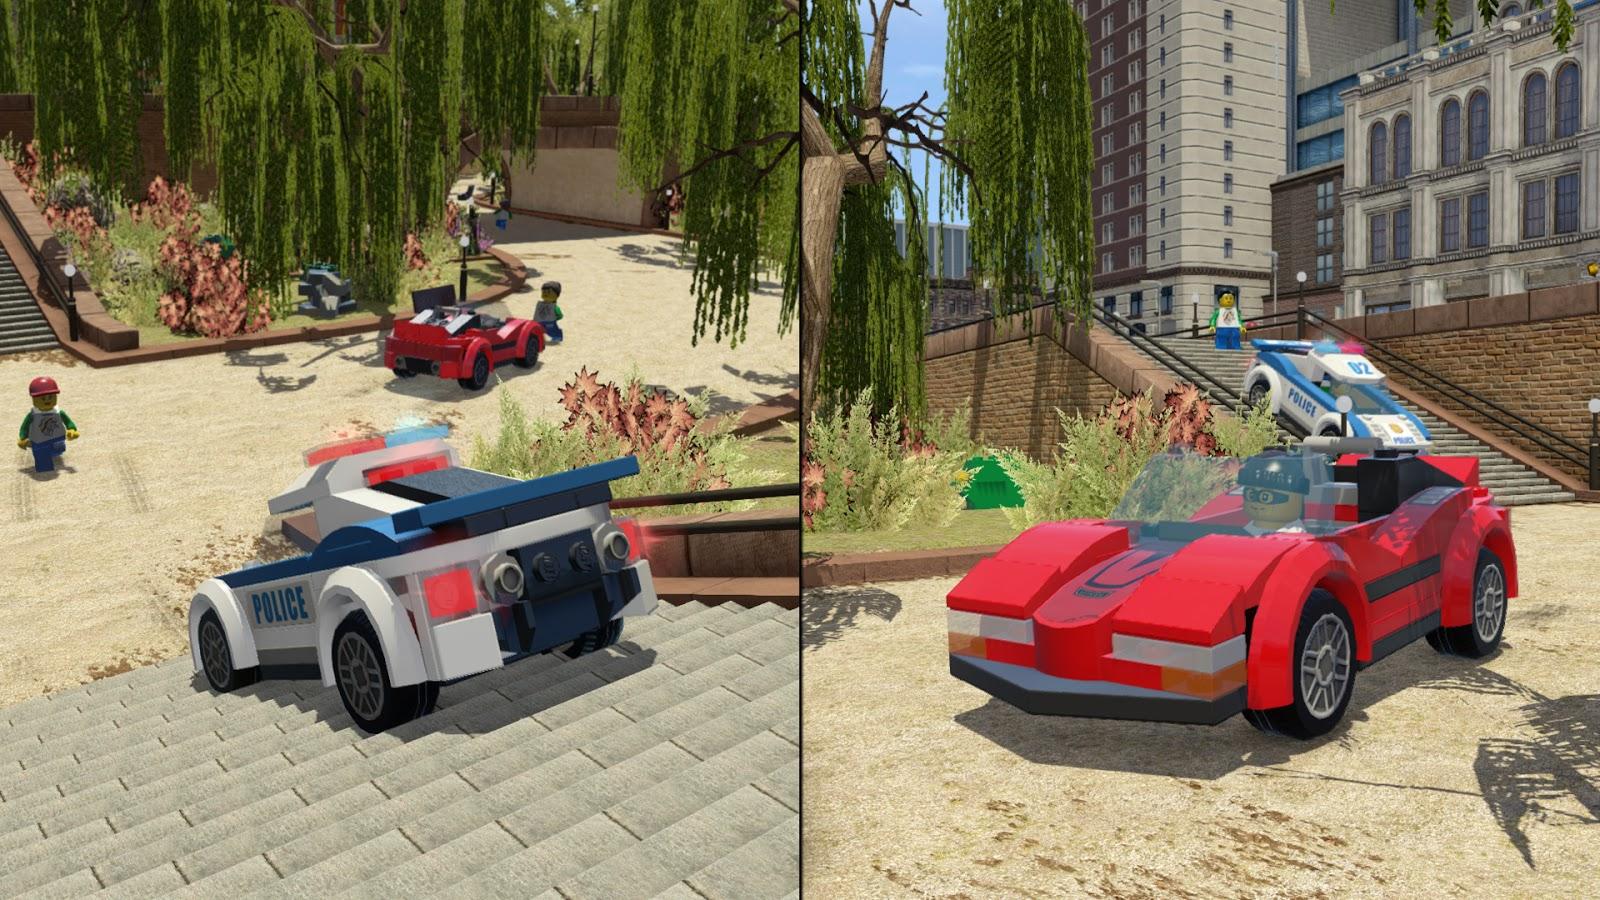 LEGO City Undercover ESPAÑOL PC Full + Update 2 (CODEX) + REPACK 4 DVD5 (JPW) 4